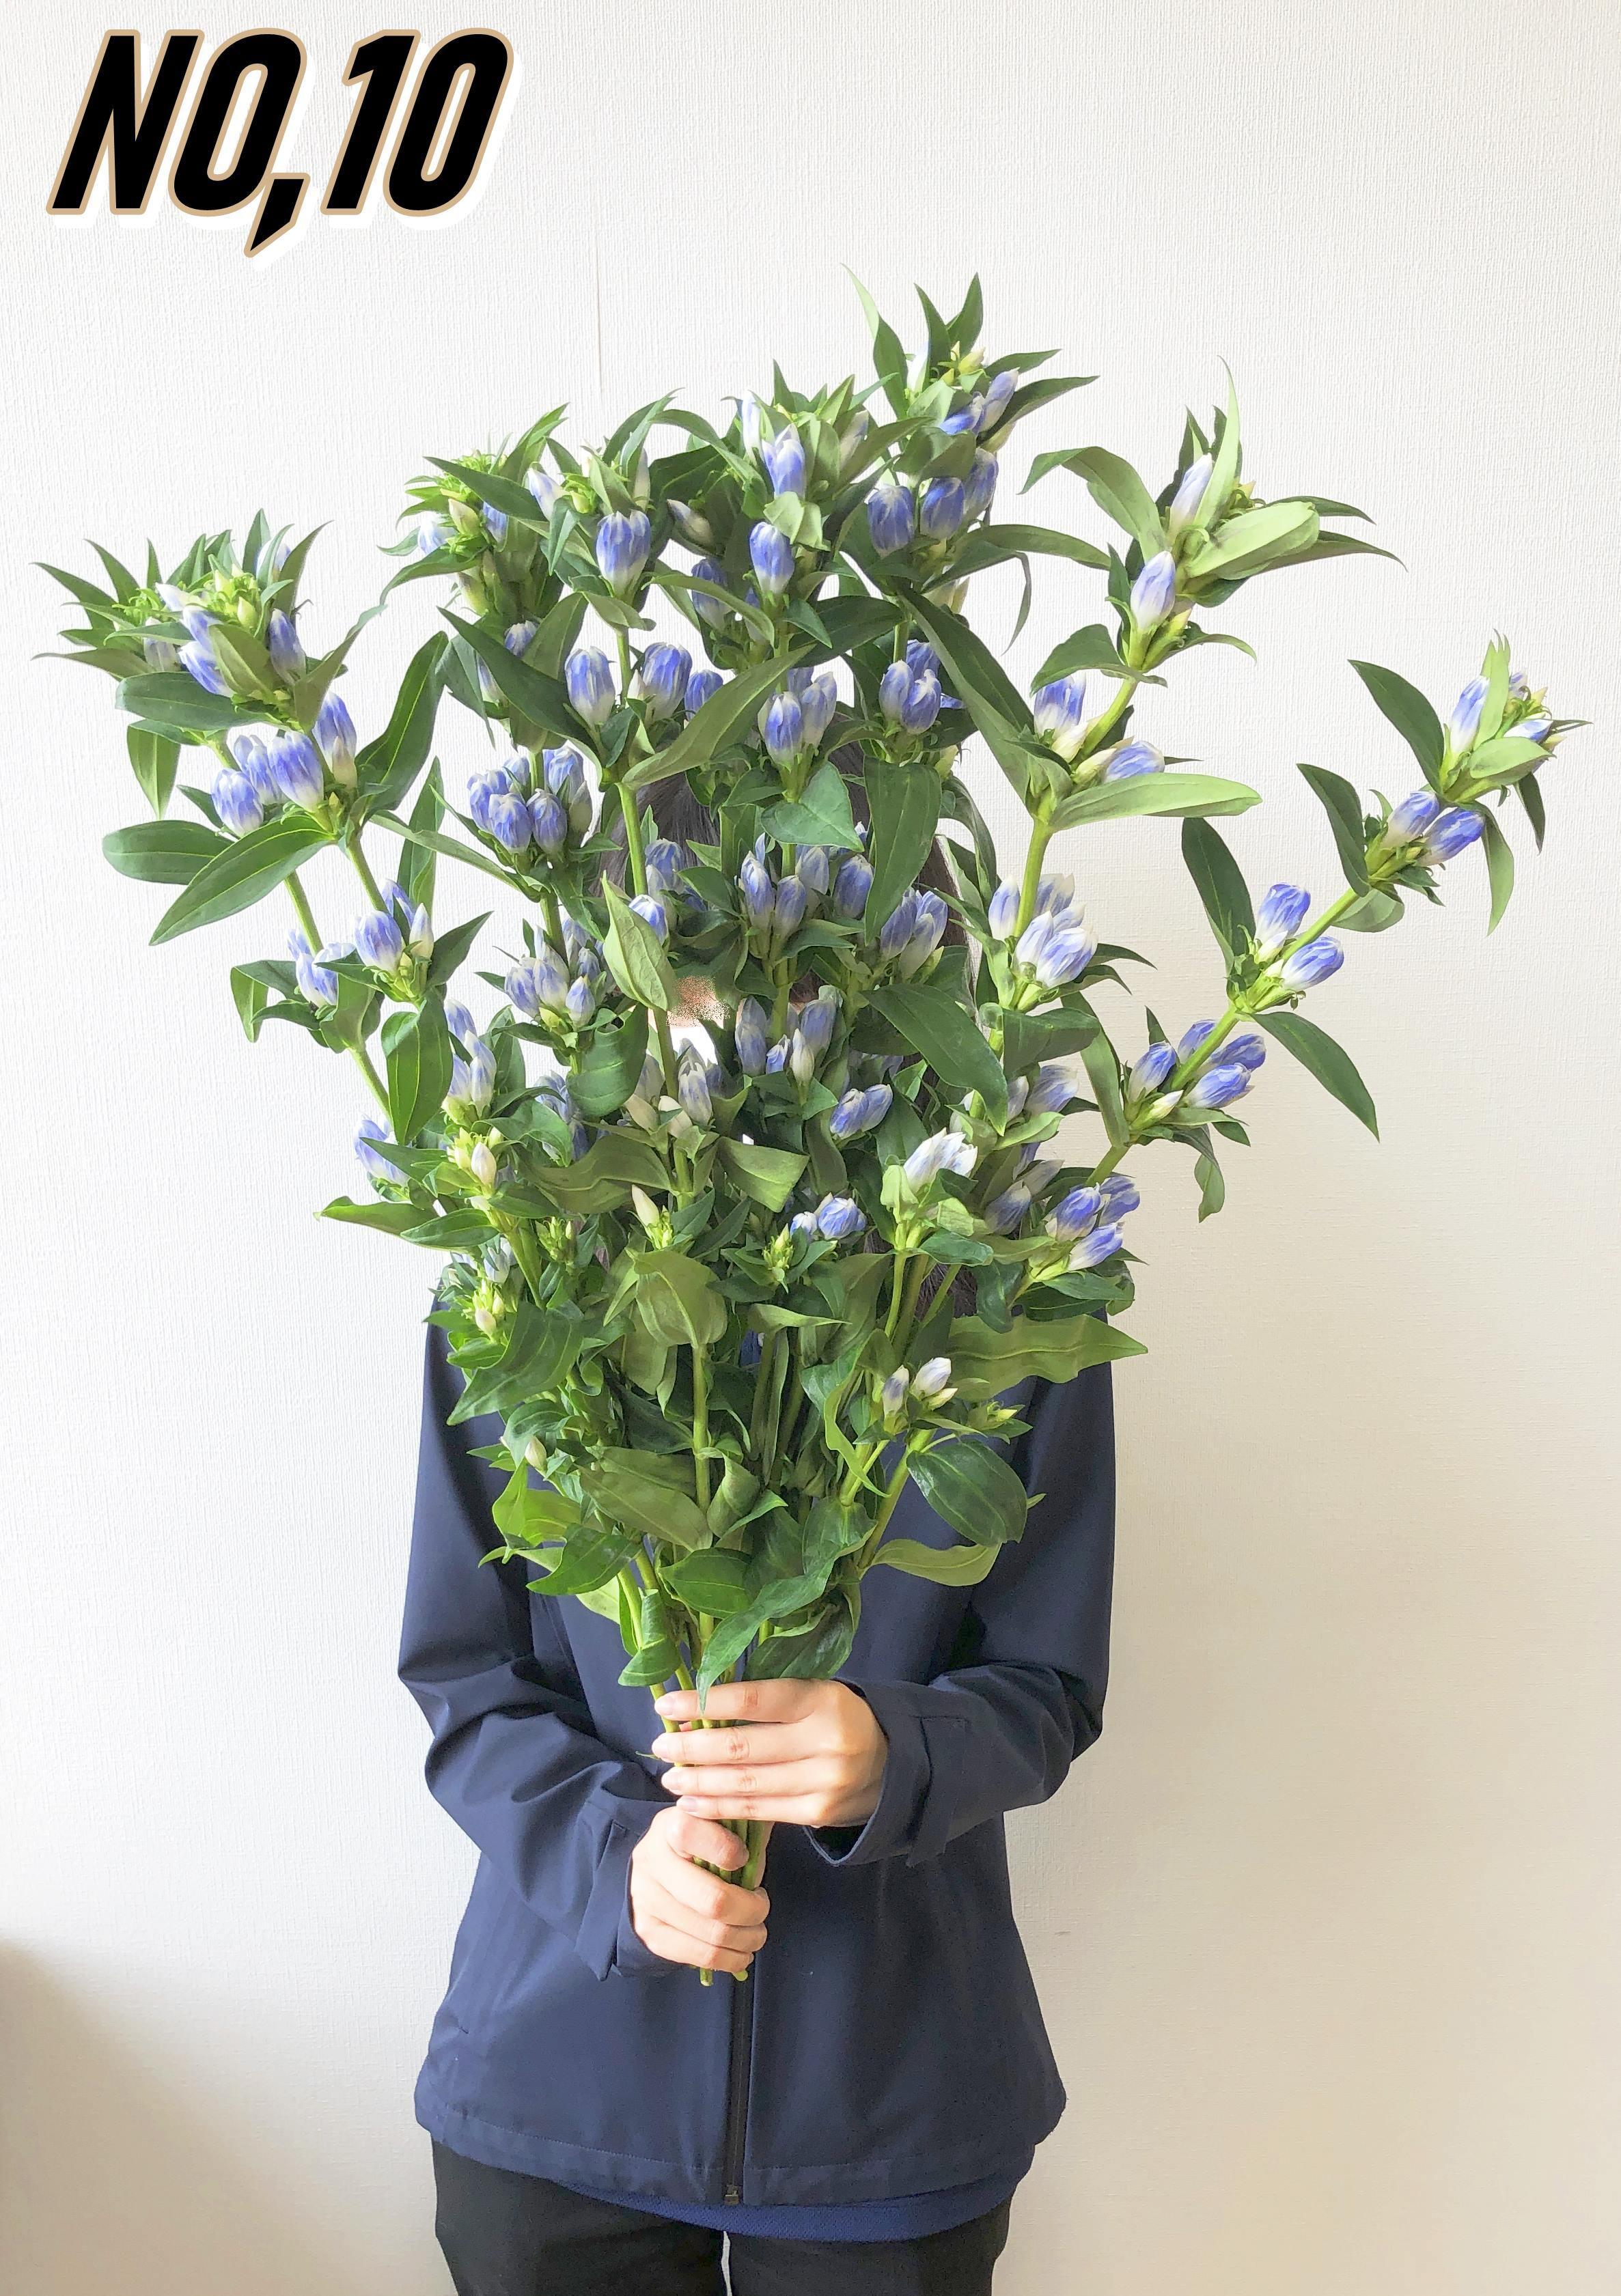 ★ お墓参りへ行こう!国産お供え花シェアBOX30 №3【ロスフラワー救済!】